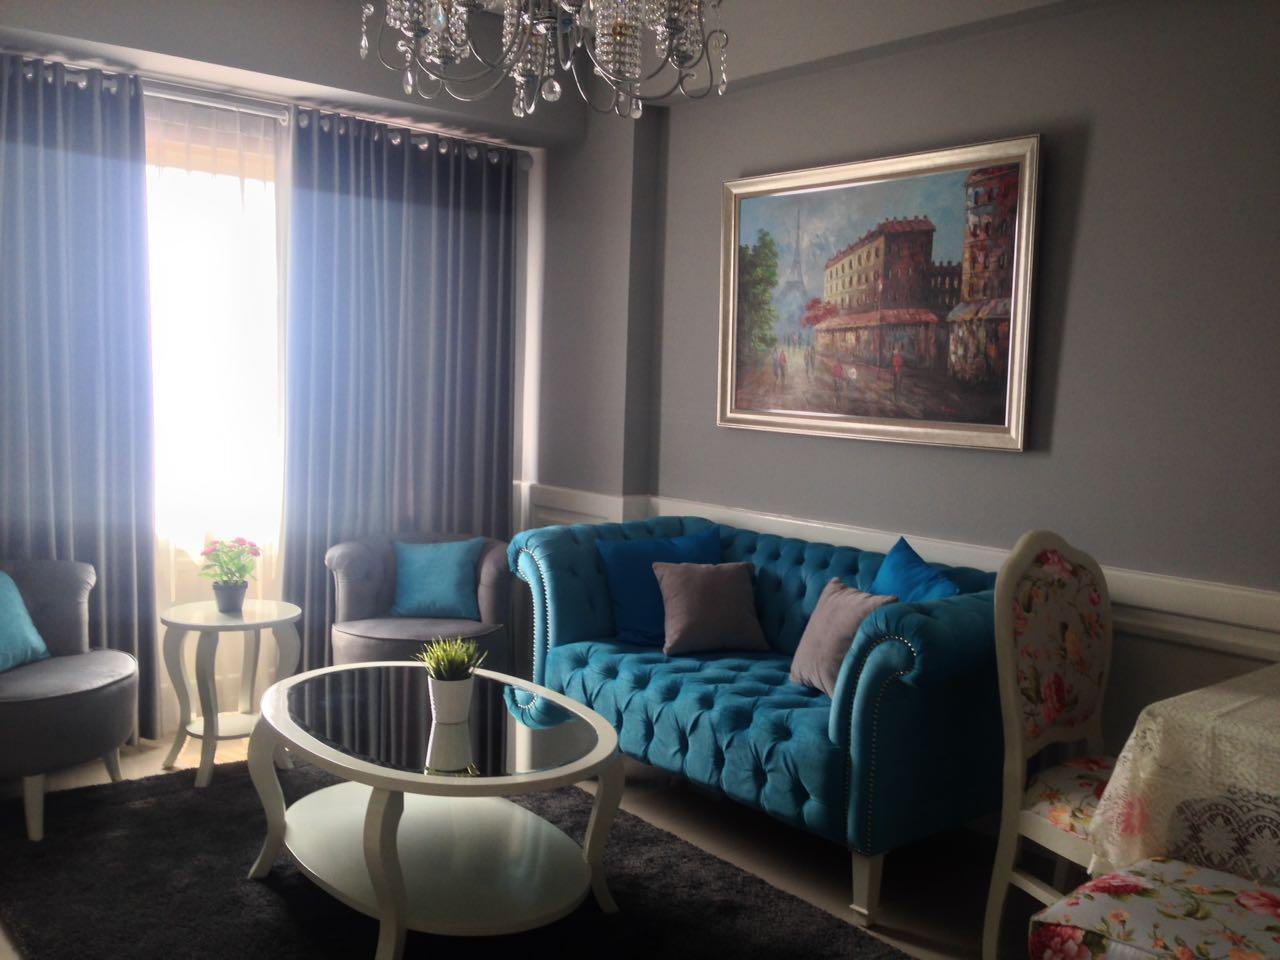 Disewakan Apartemen Di Fatmawati, Brand New Dan Fully Furnished